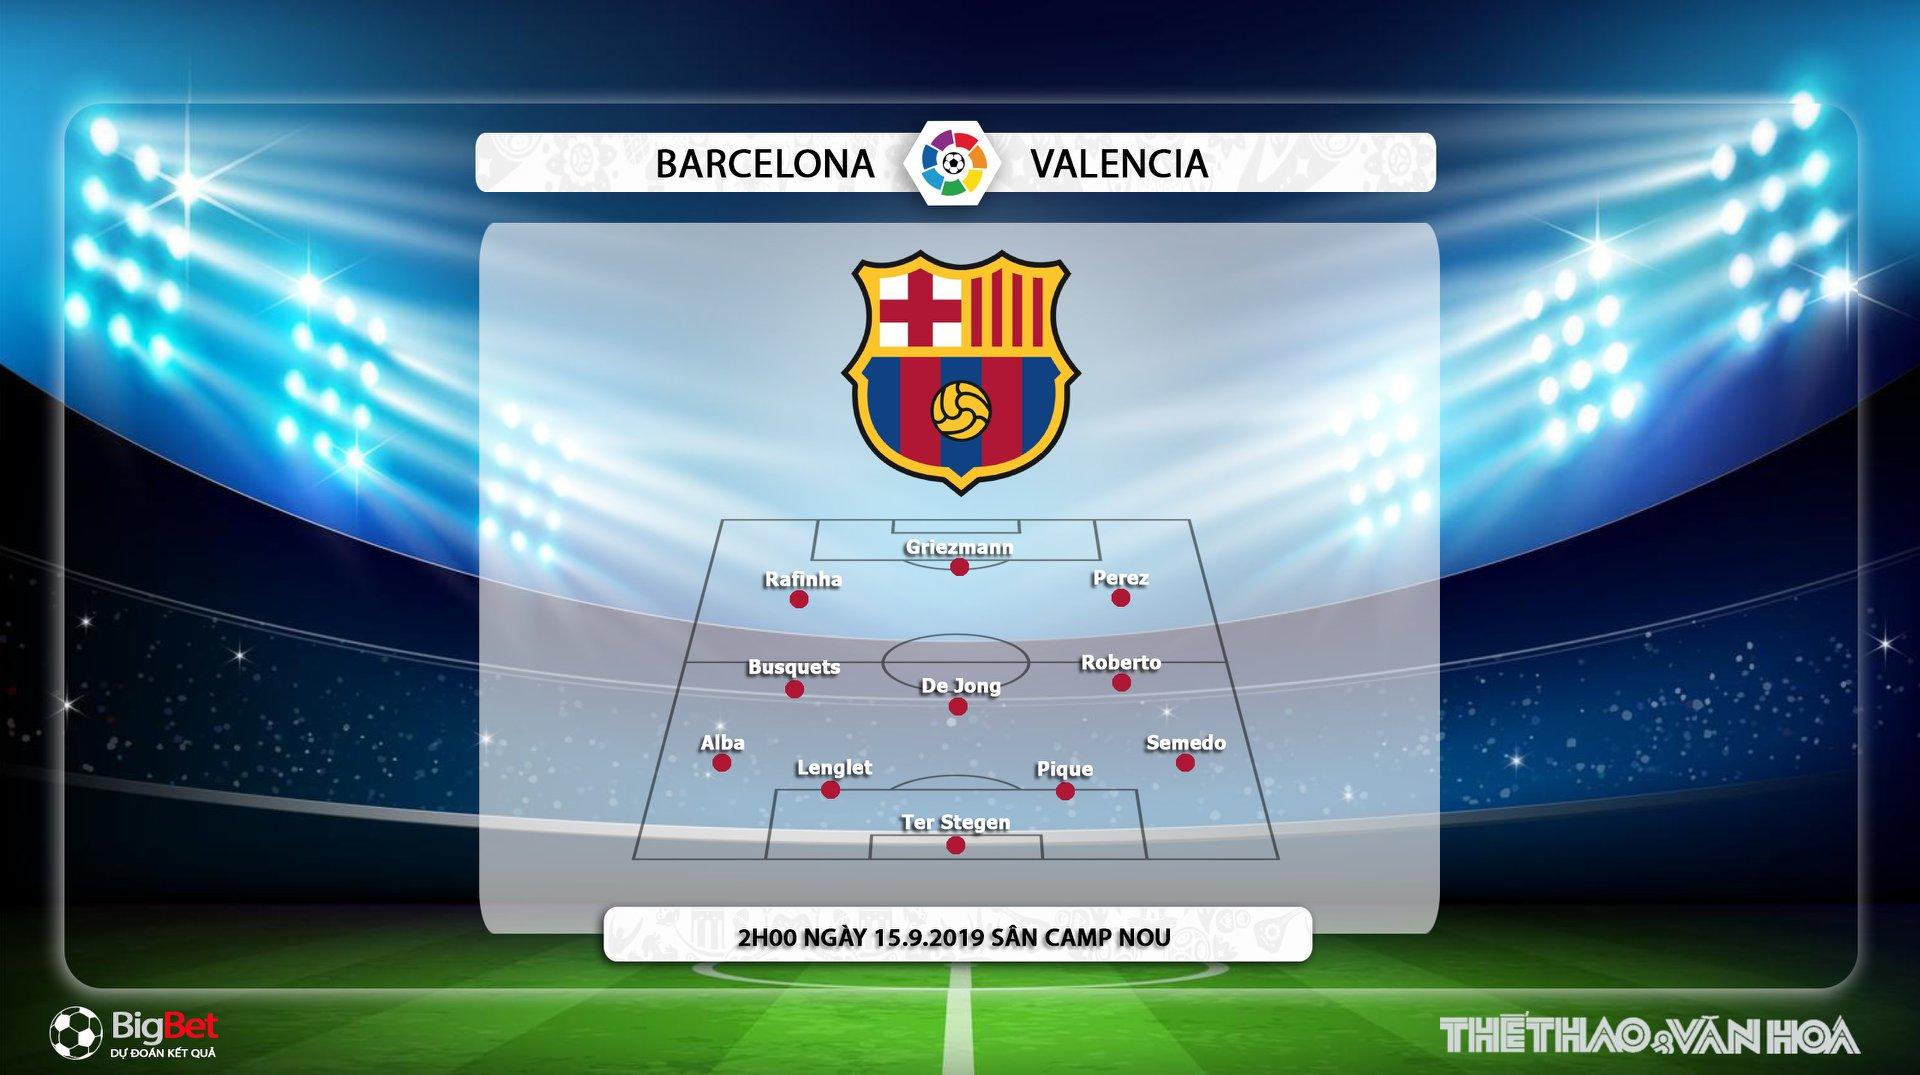 Barcelona vs Valencia, trực tiếp bóng đá Barcelona vs Valencia, barcelona, valencia, nhận định Barcelona vs Valencia, bóng đá, bong da, lịch thi đấu bóng đá, la liga